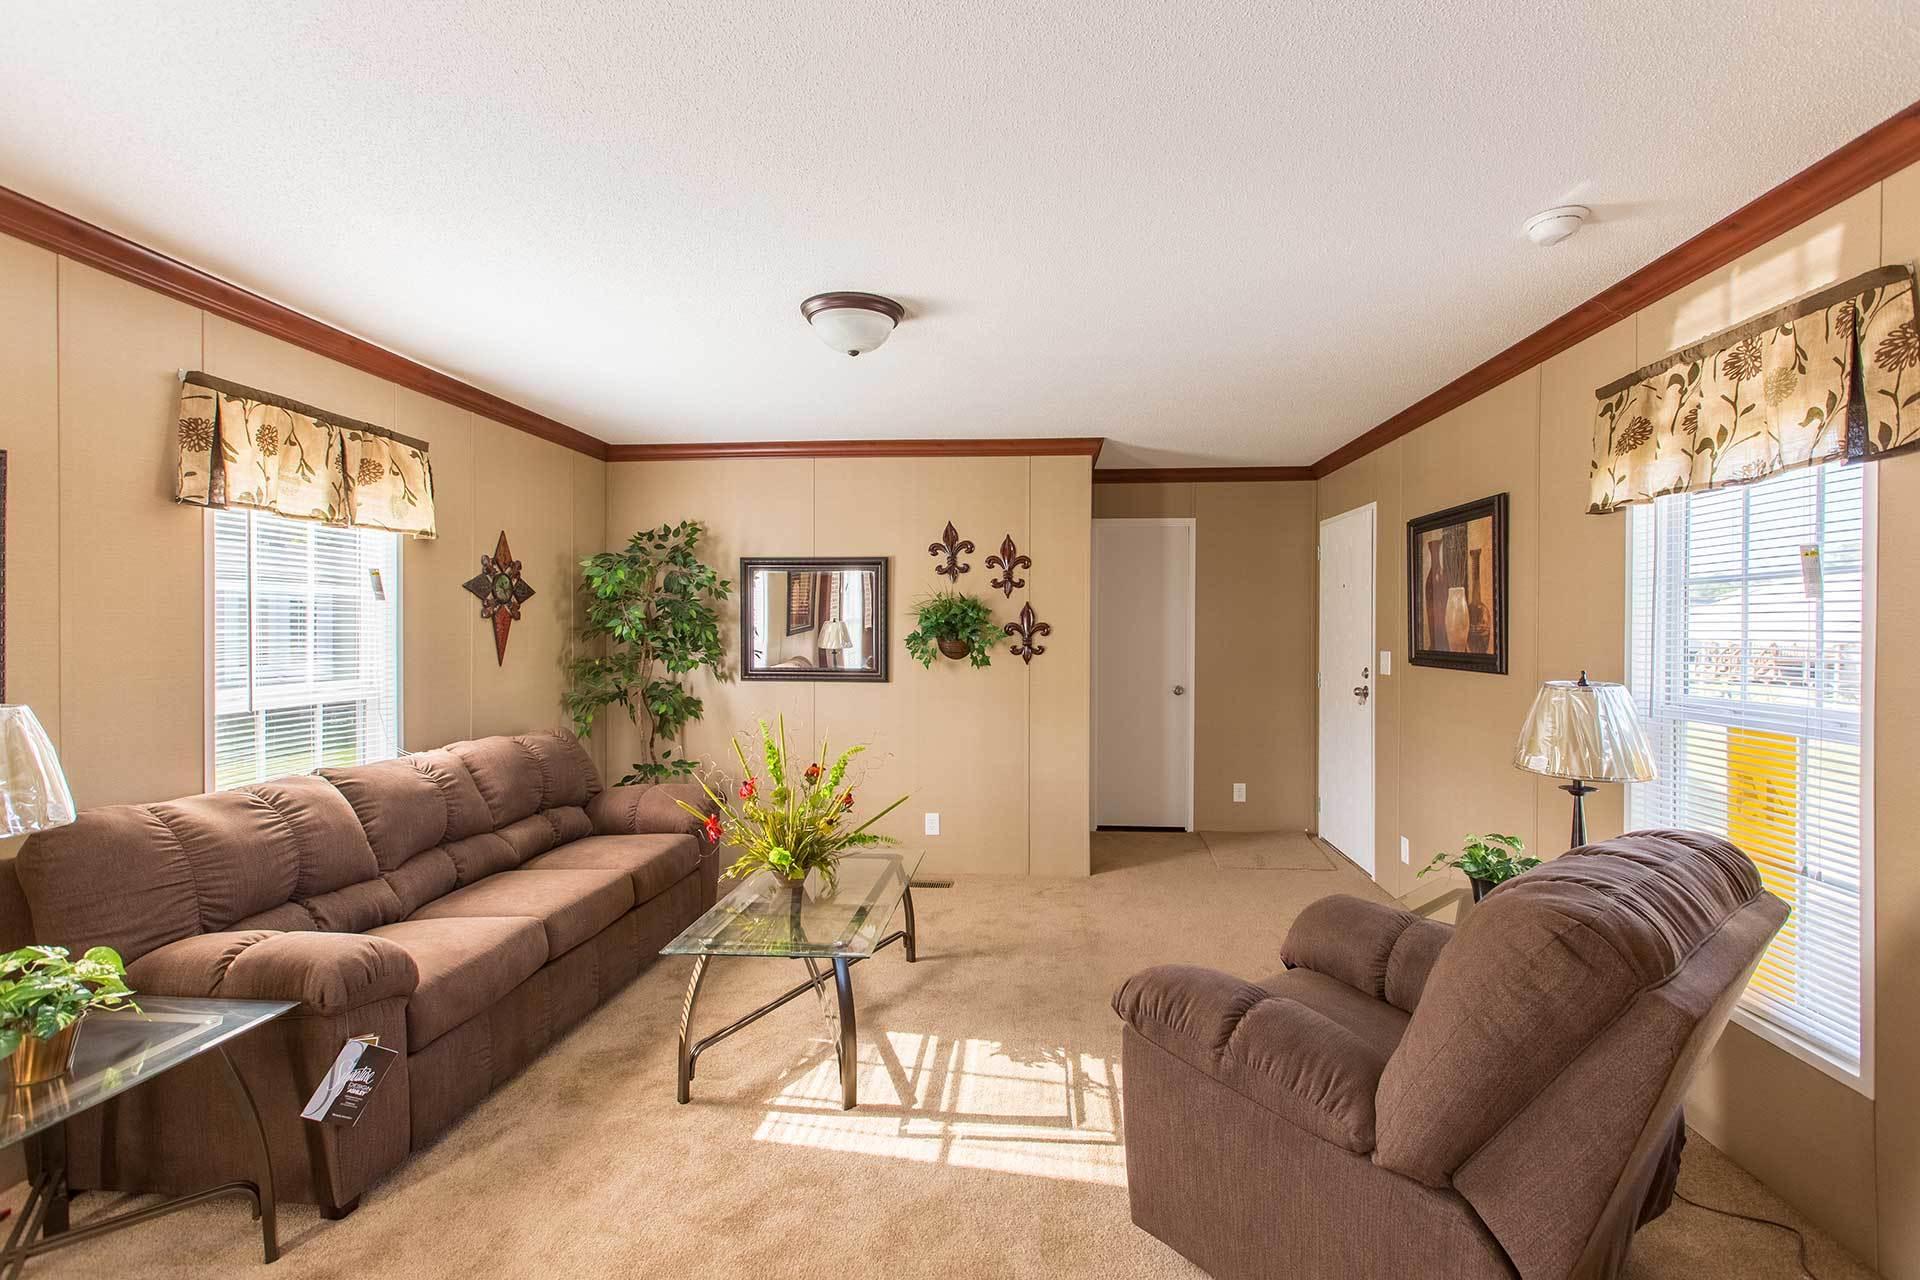 living room in a modular home - Pensacola, FL